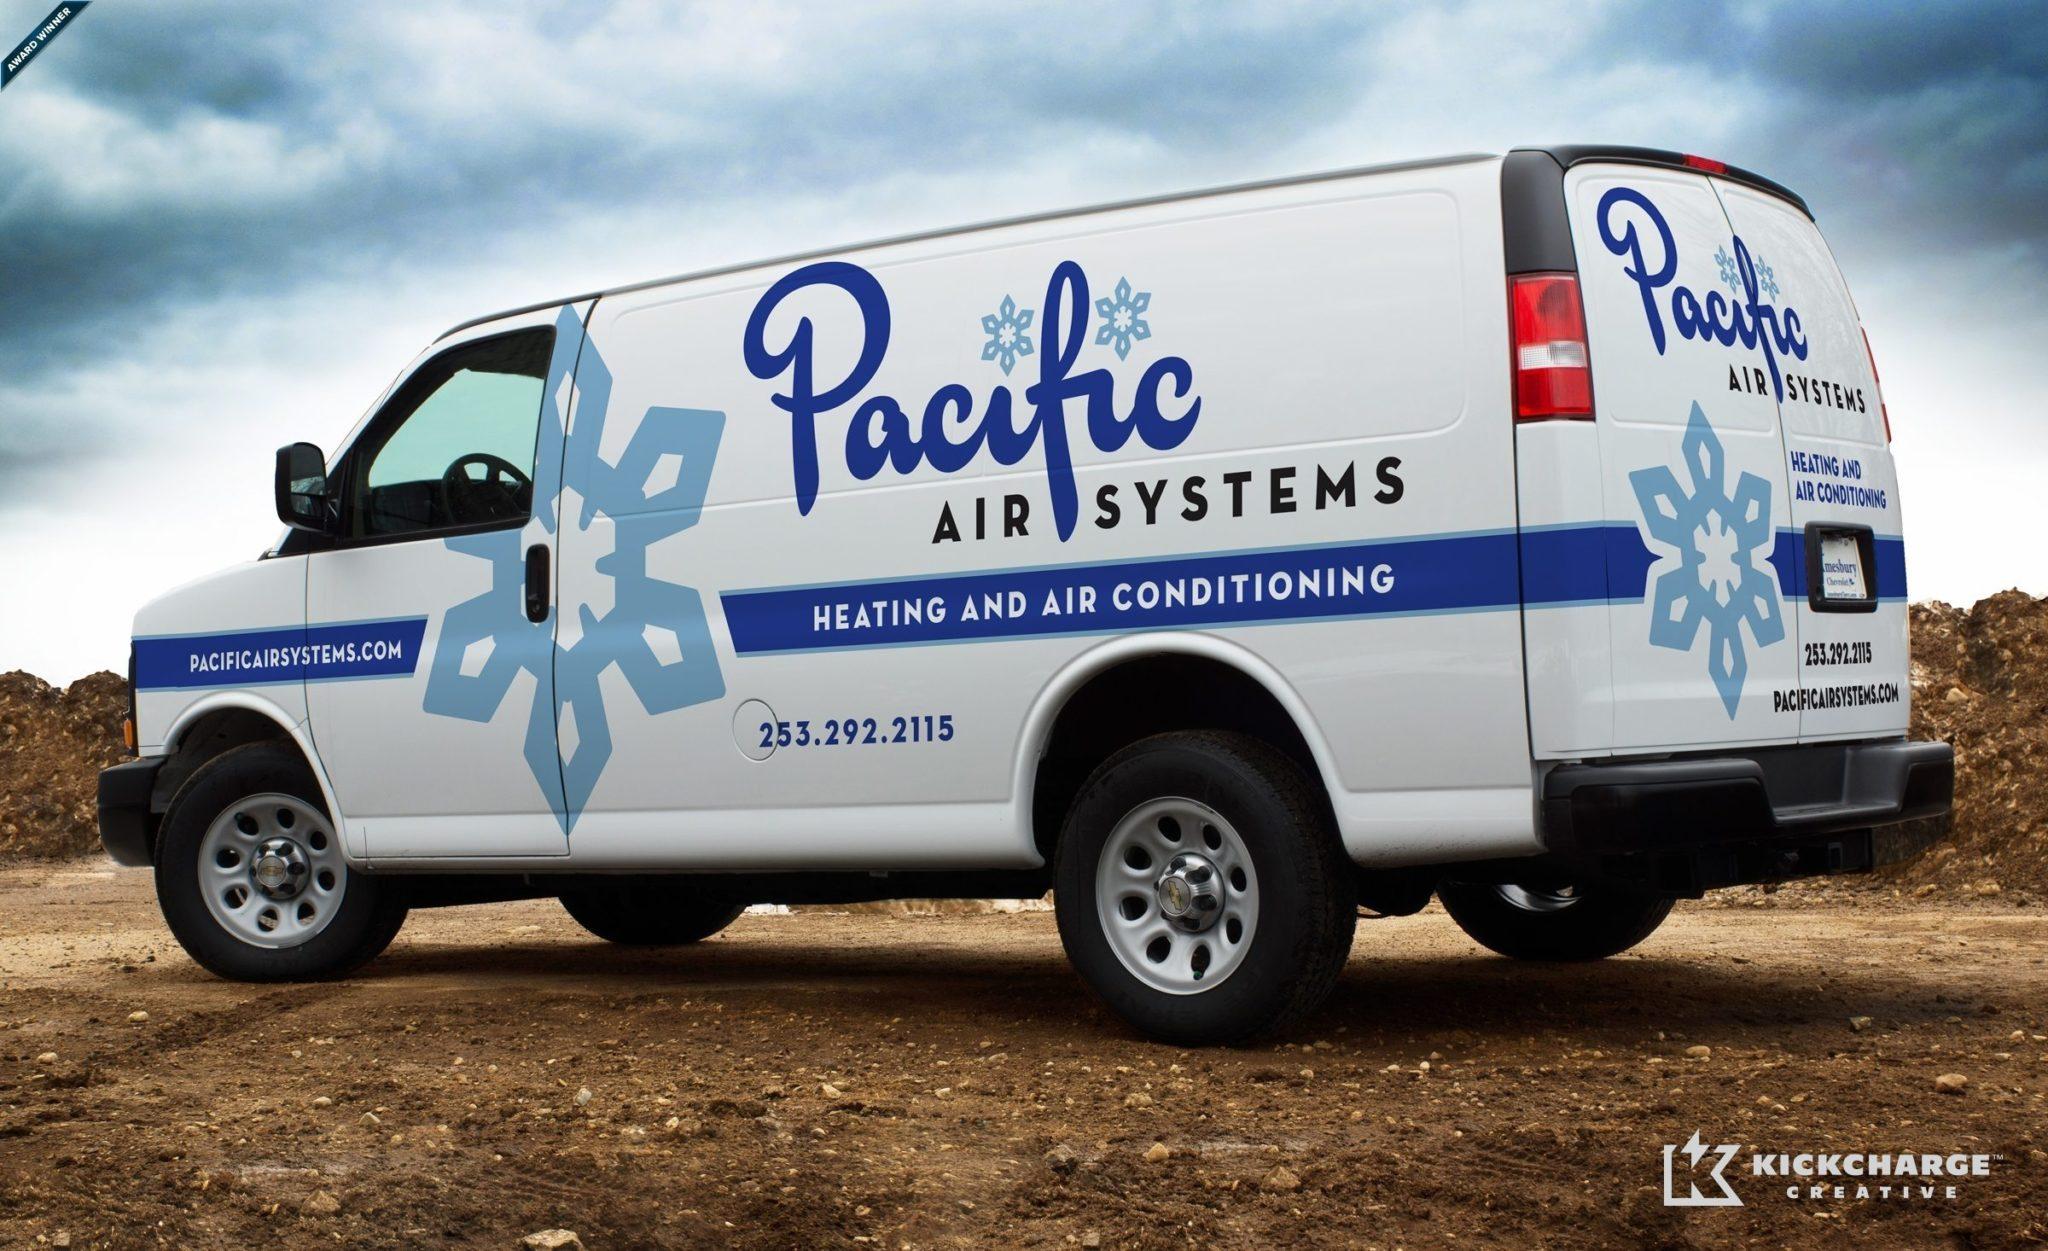 2013 Winner for best fleet branding for an HVAC business: HVACR Magazine's Tops in Trucks Contest.